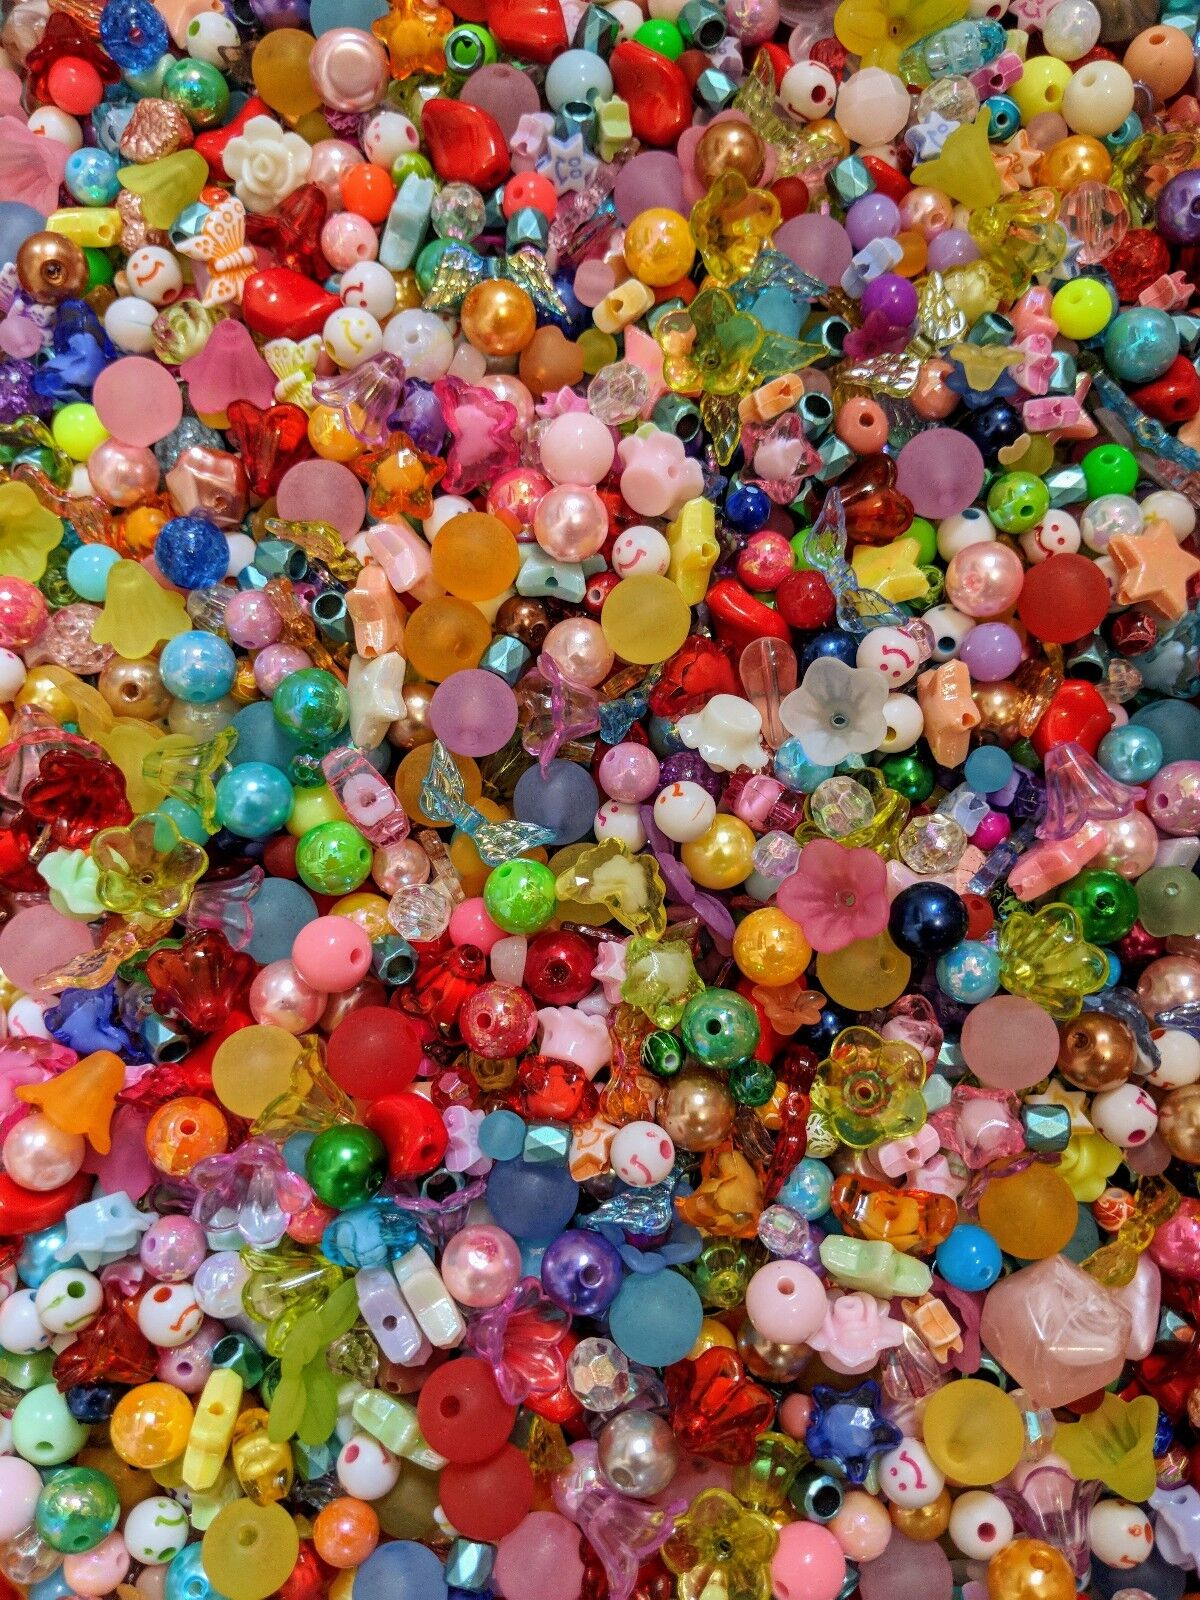 100g Acryl Chaosmischung Chaostüte Perlen Kelche Basteln Bunt Mix Acrylperlen